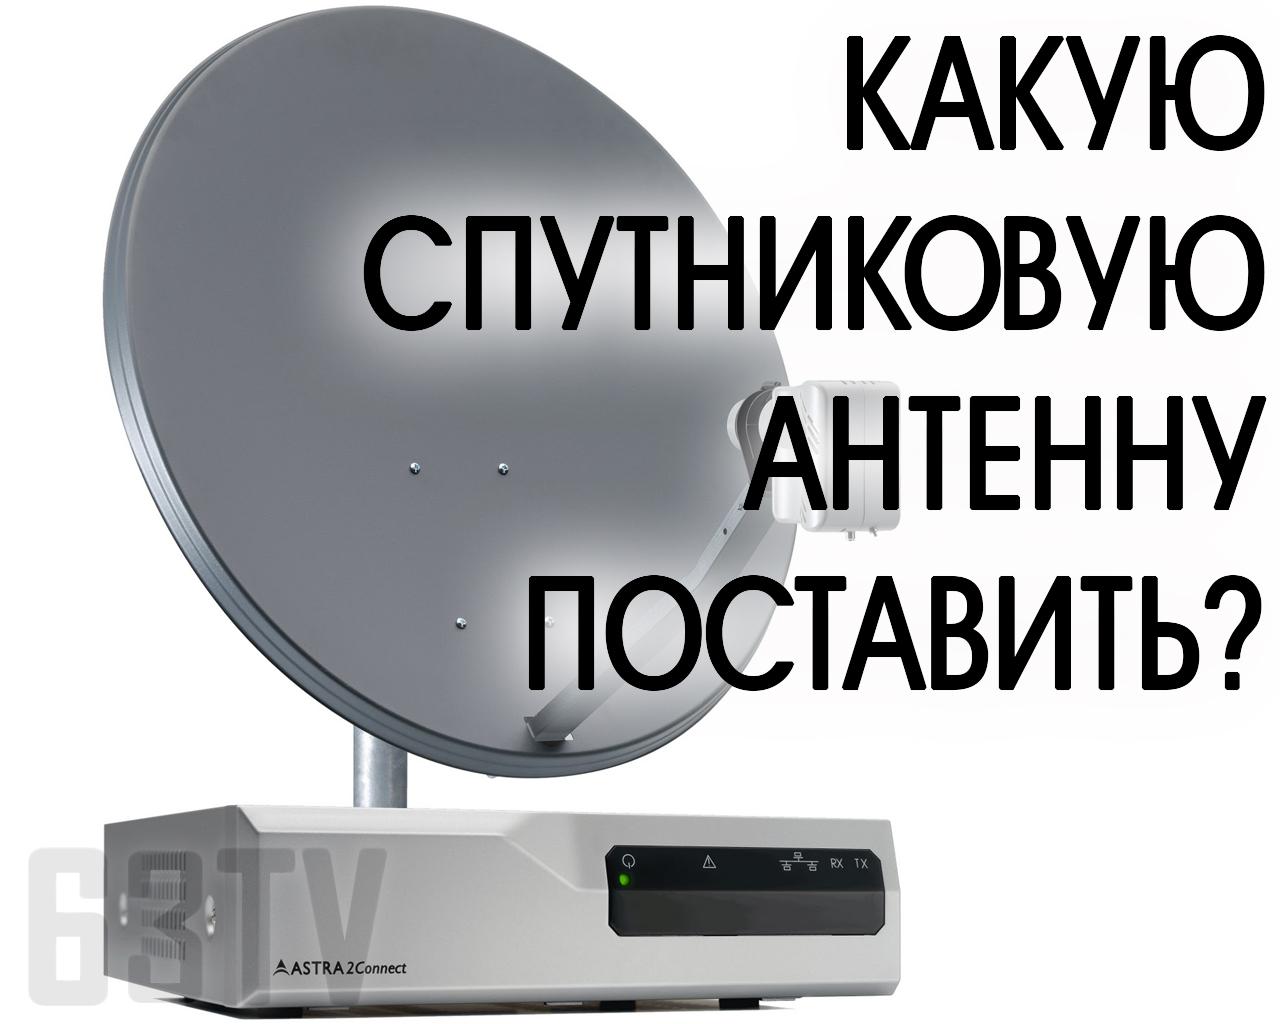 Какую спутниковую антенну поставить